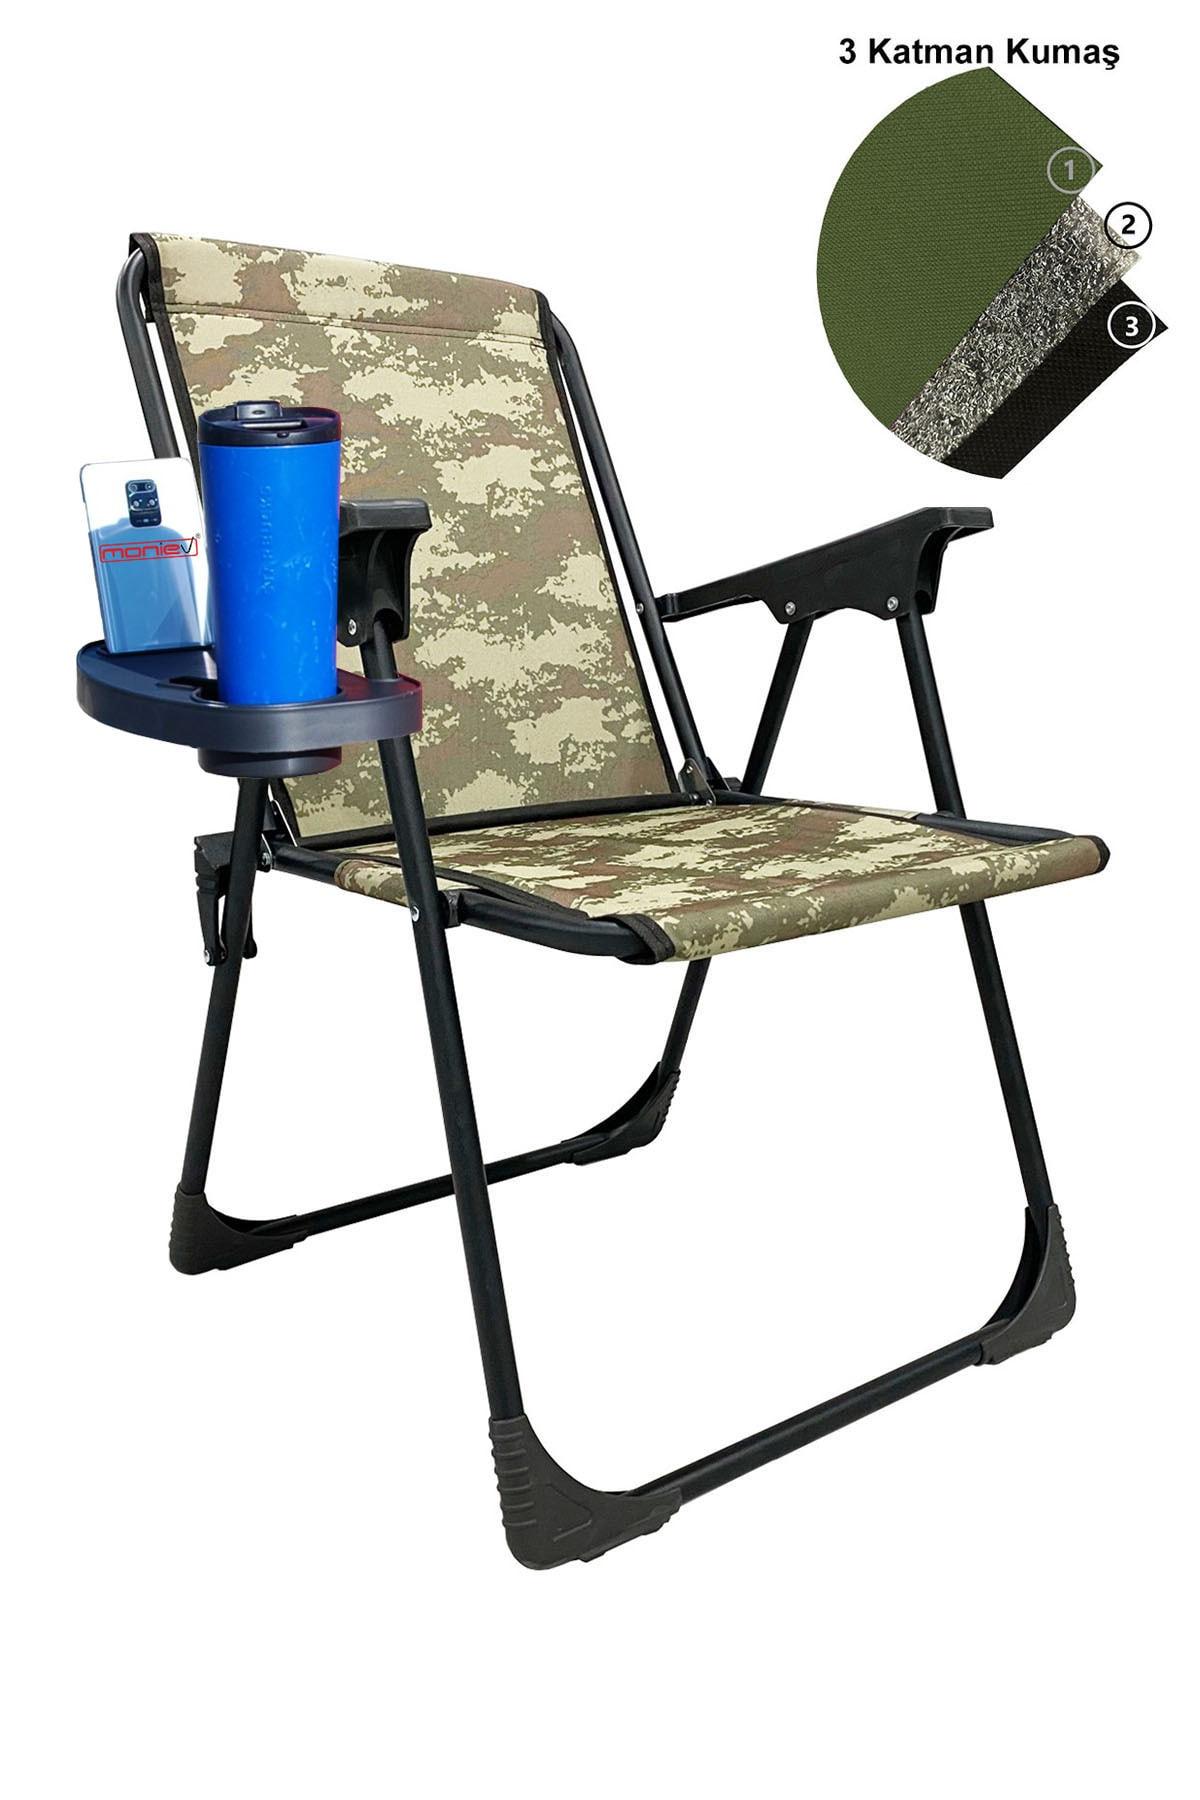 Katlanır Kamp Piknik Sandalyesi Plaj Koltuğu Katlanır Şezlong Ve Oval Bardaklık Kamuflaj